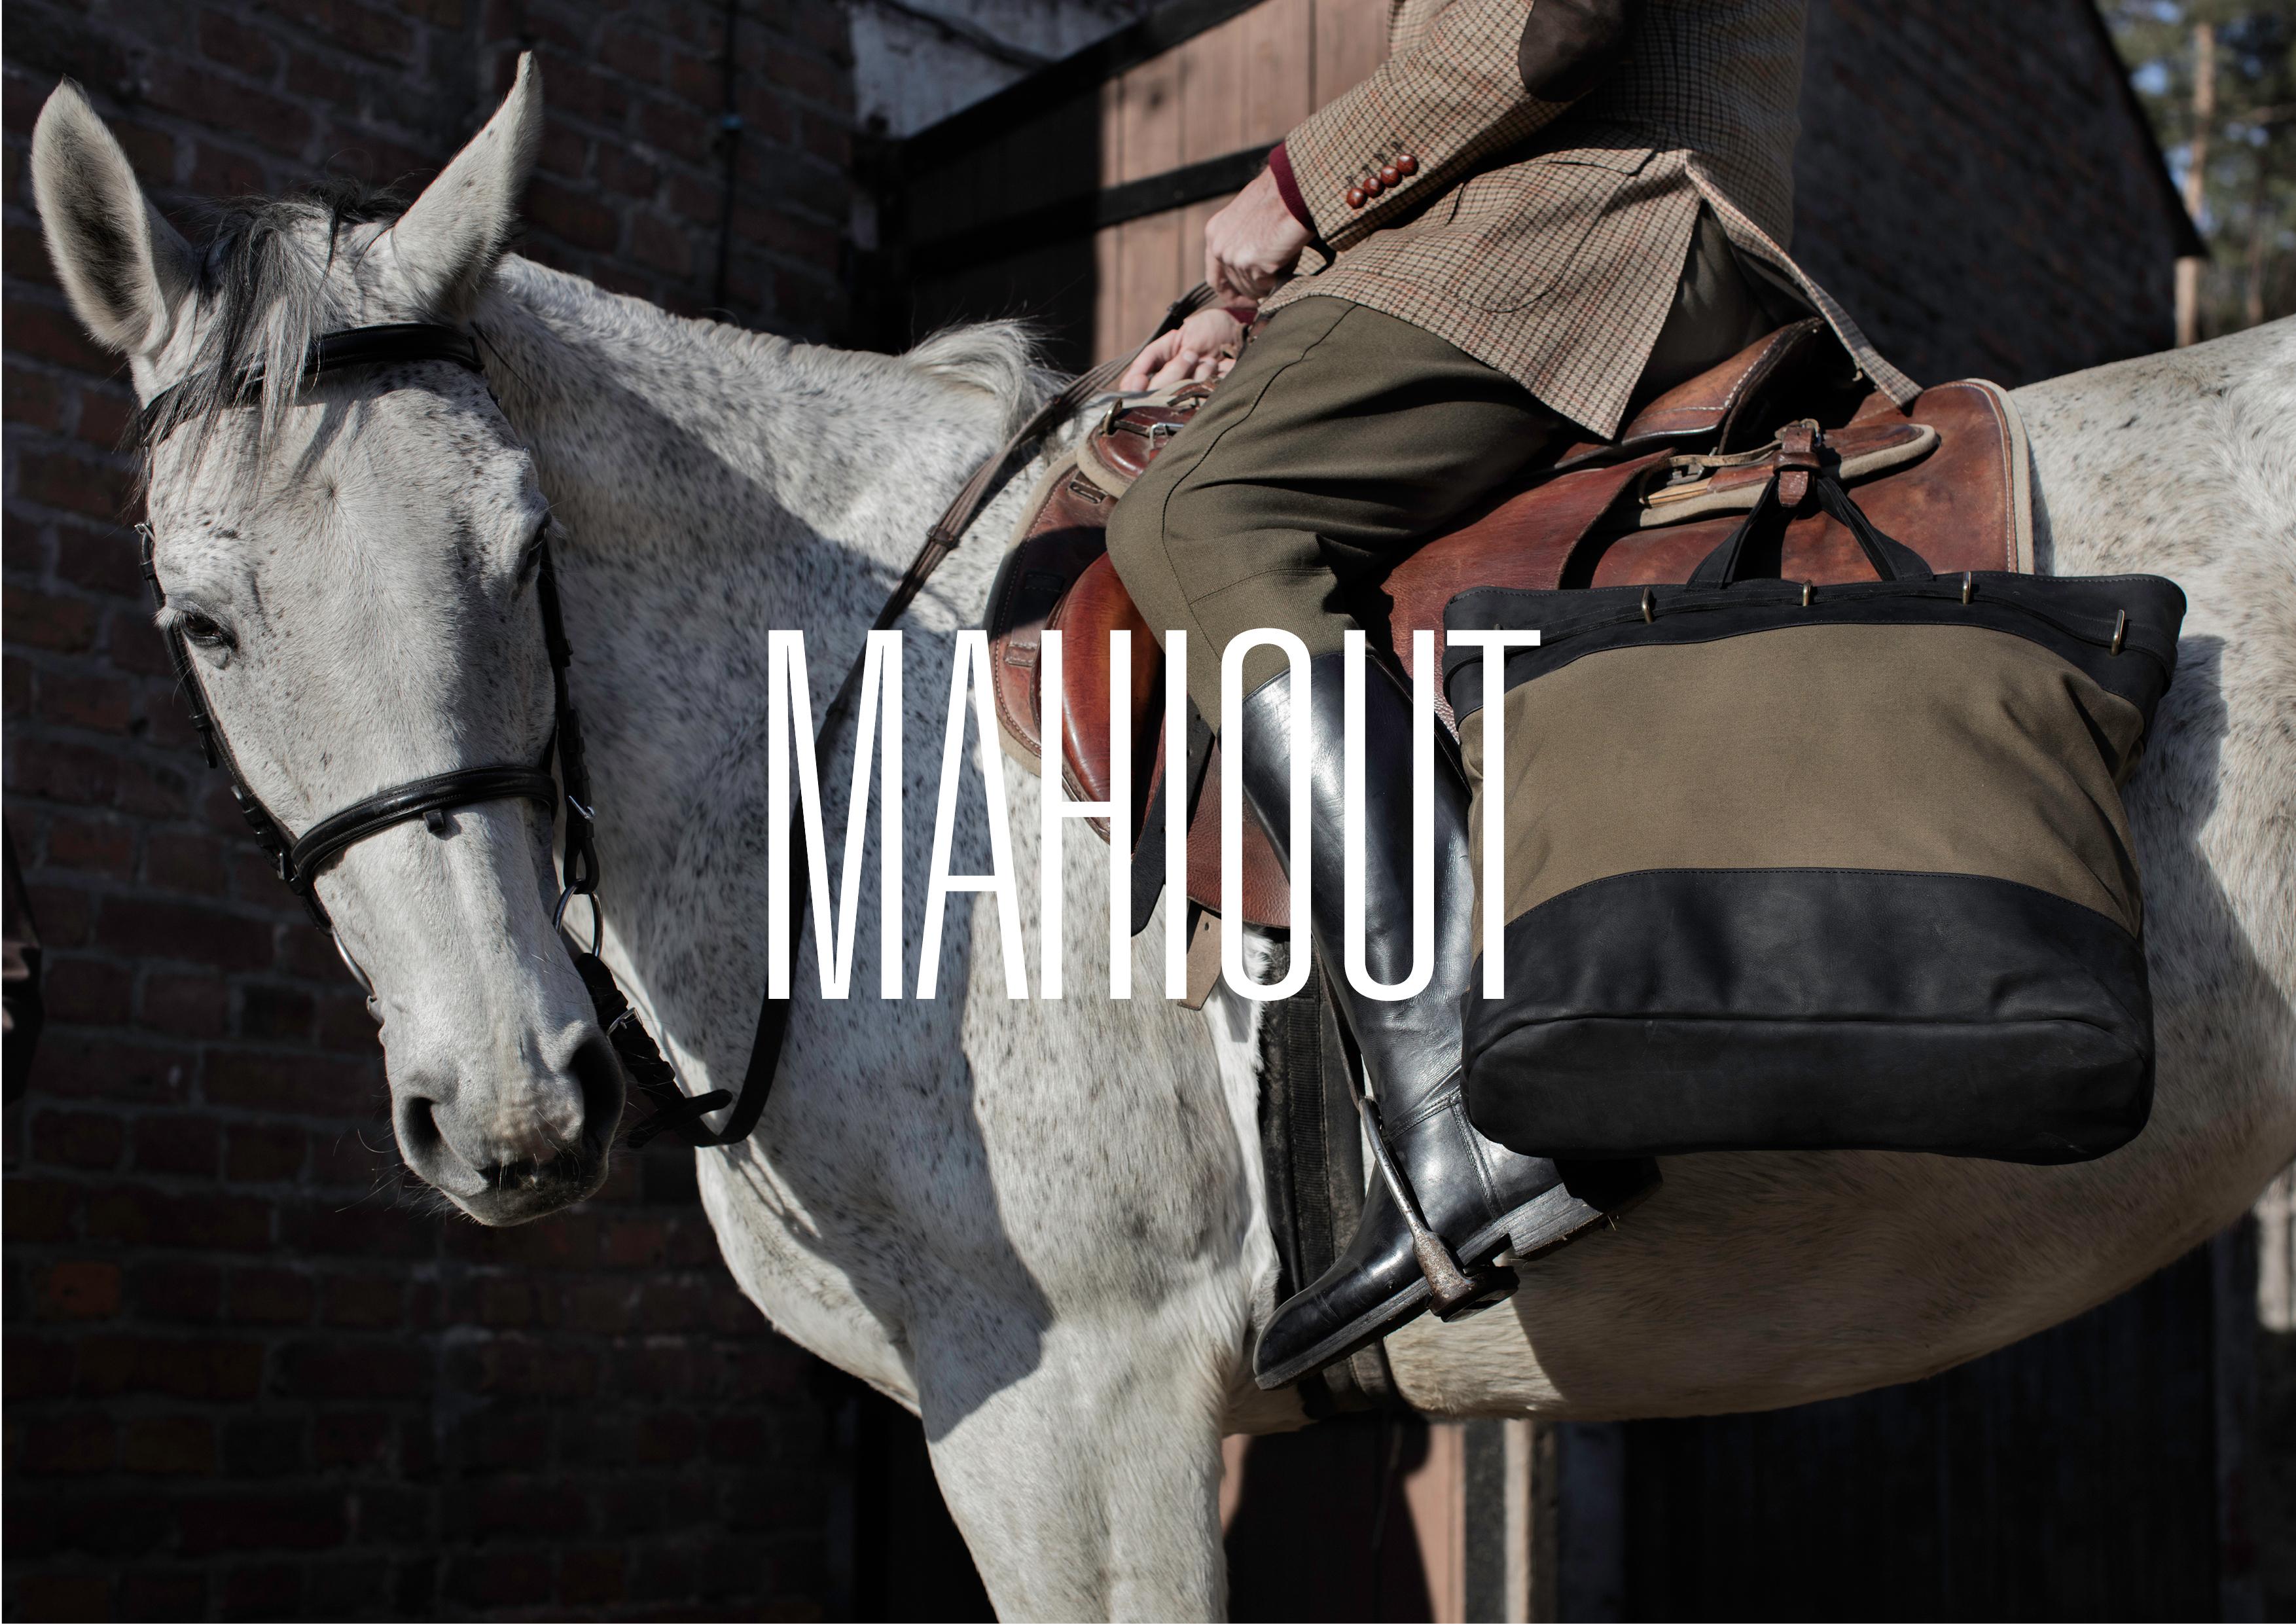 Mahiout